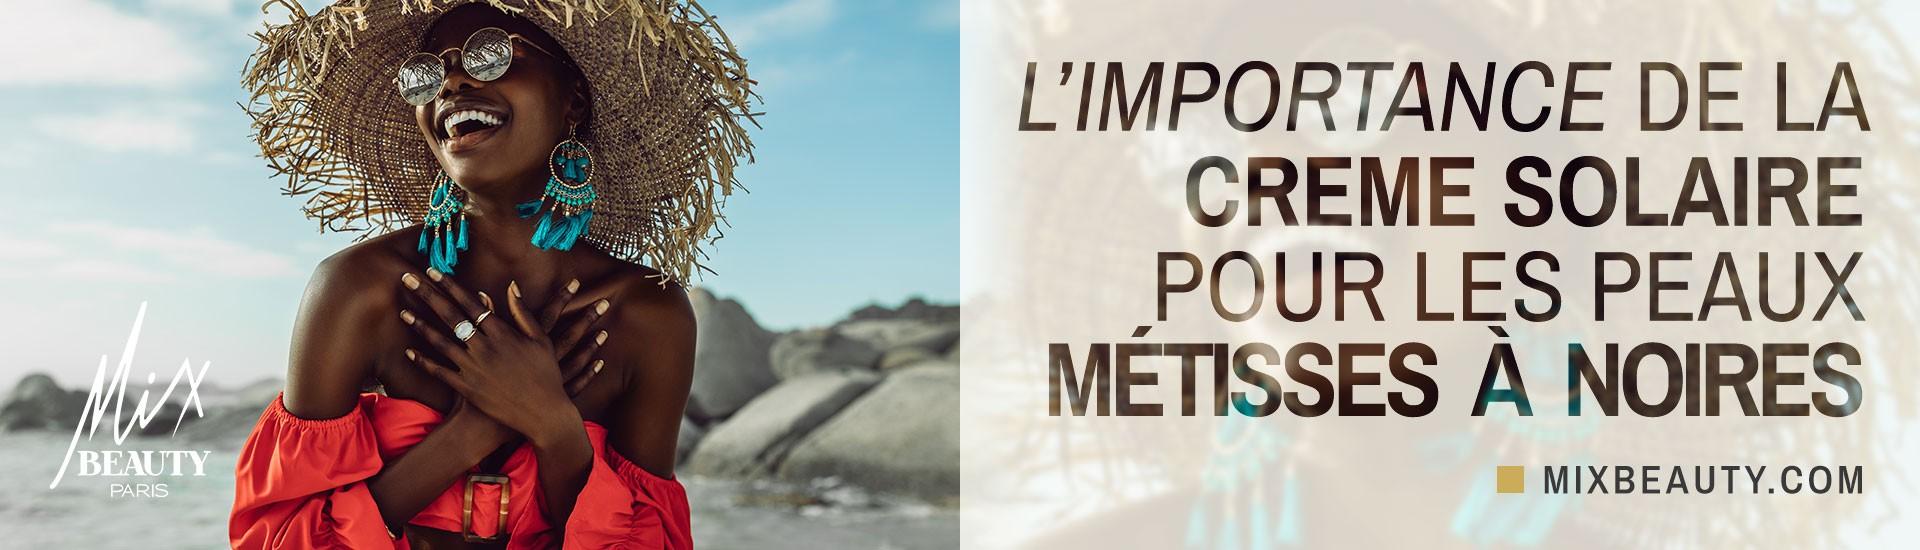 SOLEIL : L'IMPORTANCE DE LA CRÈME SOLAIRE POUR LES PEAUX MÉTISSES À NOIRES